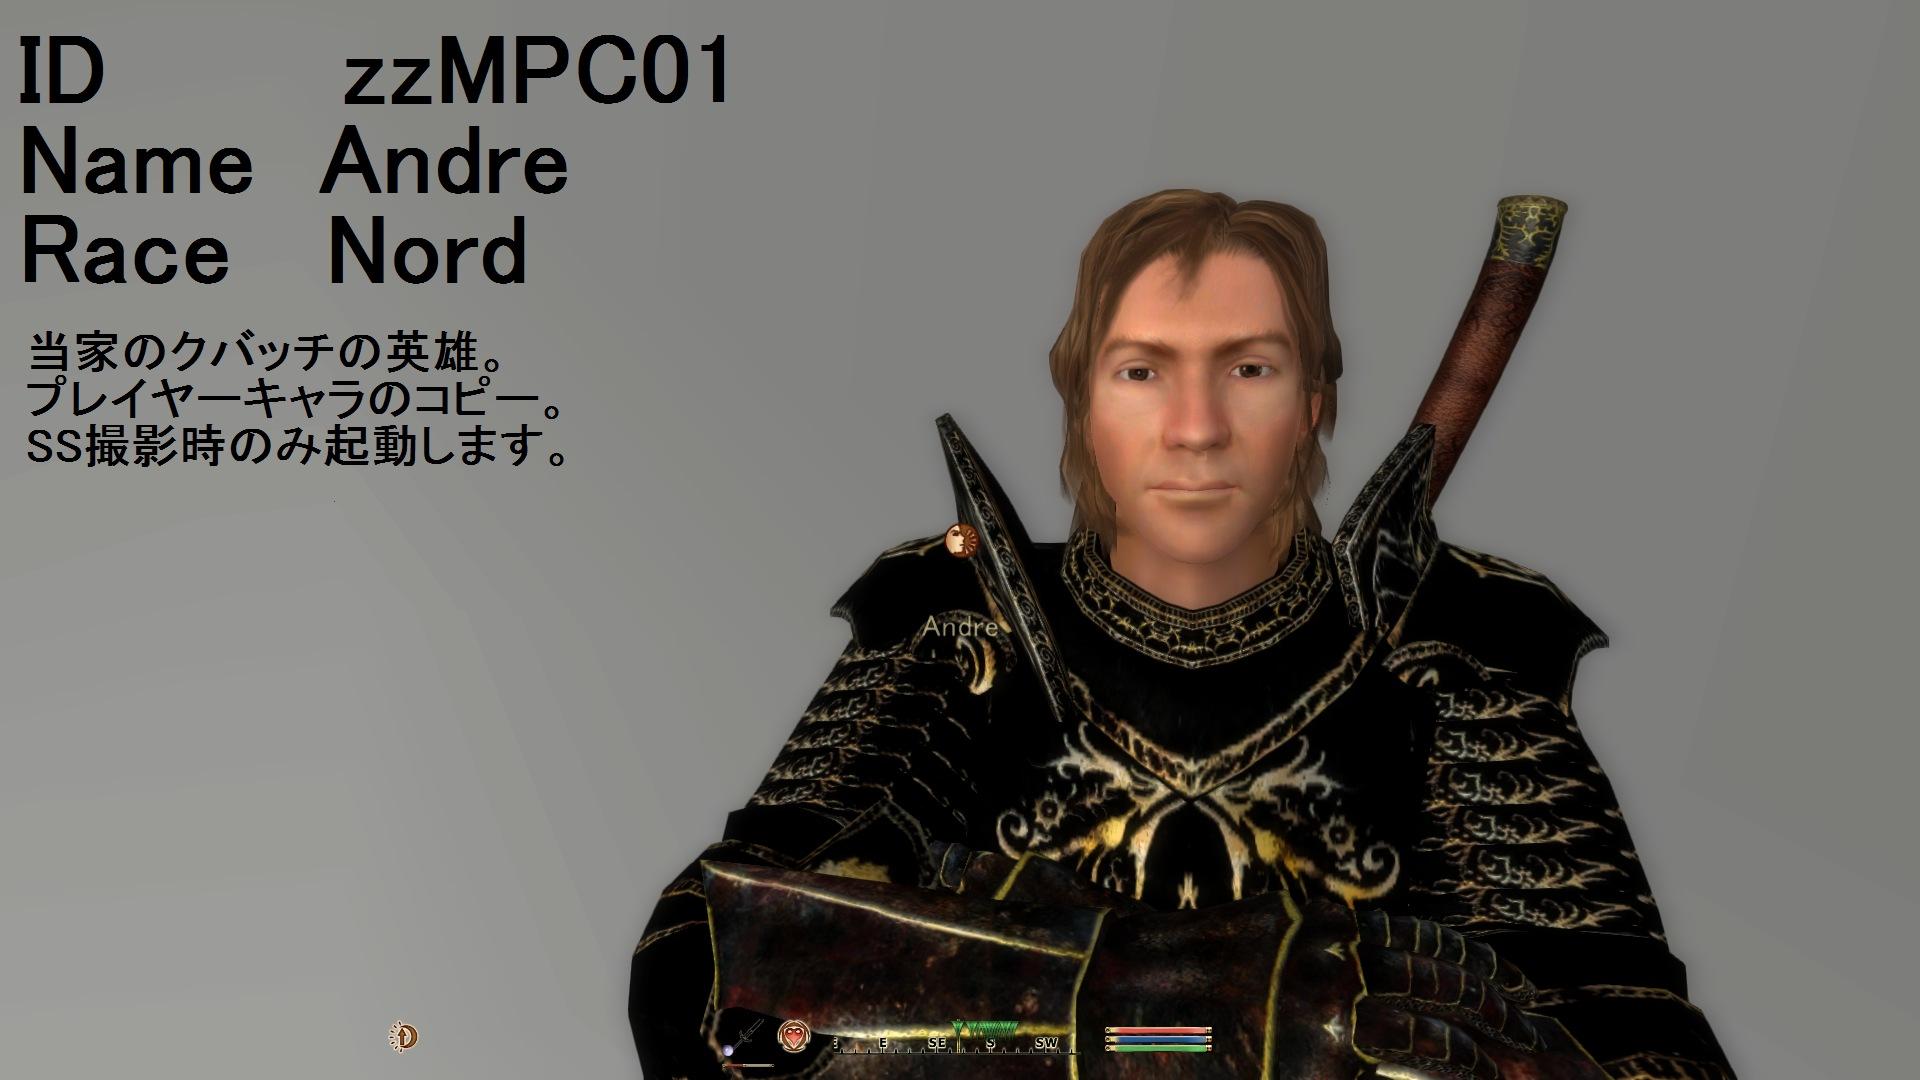 zzMPC01.jpg